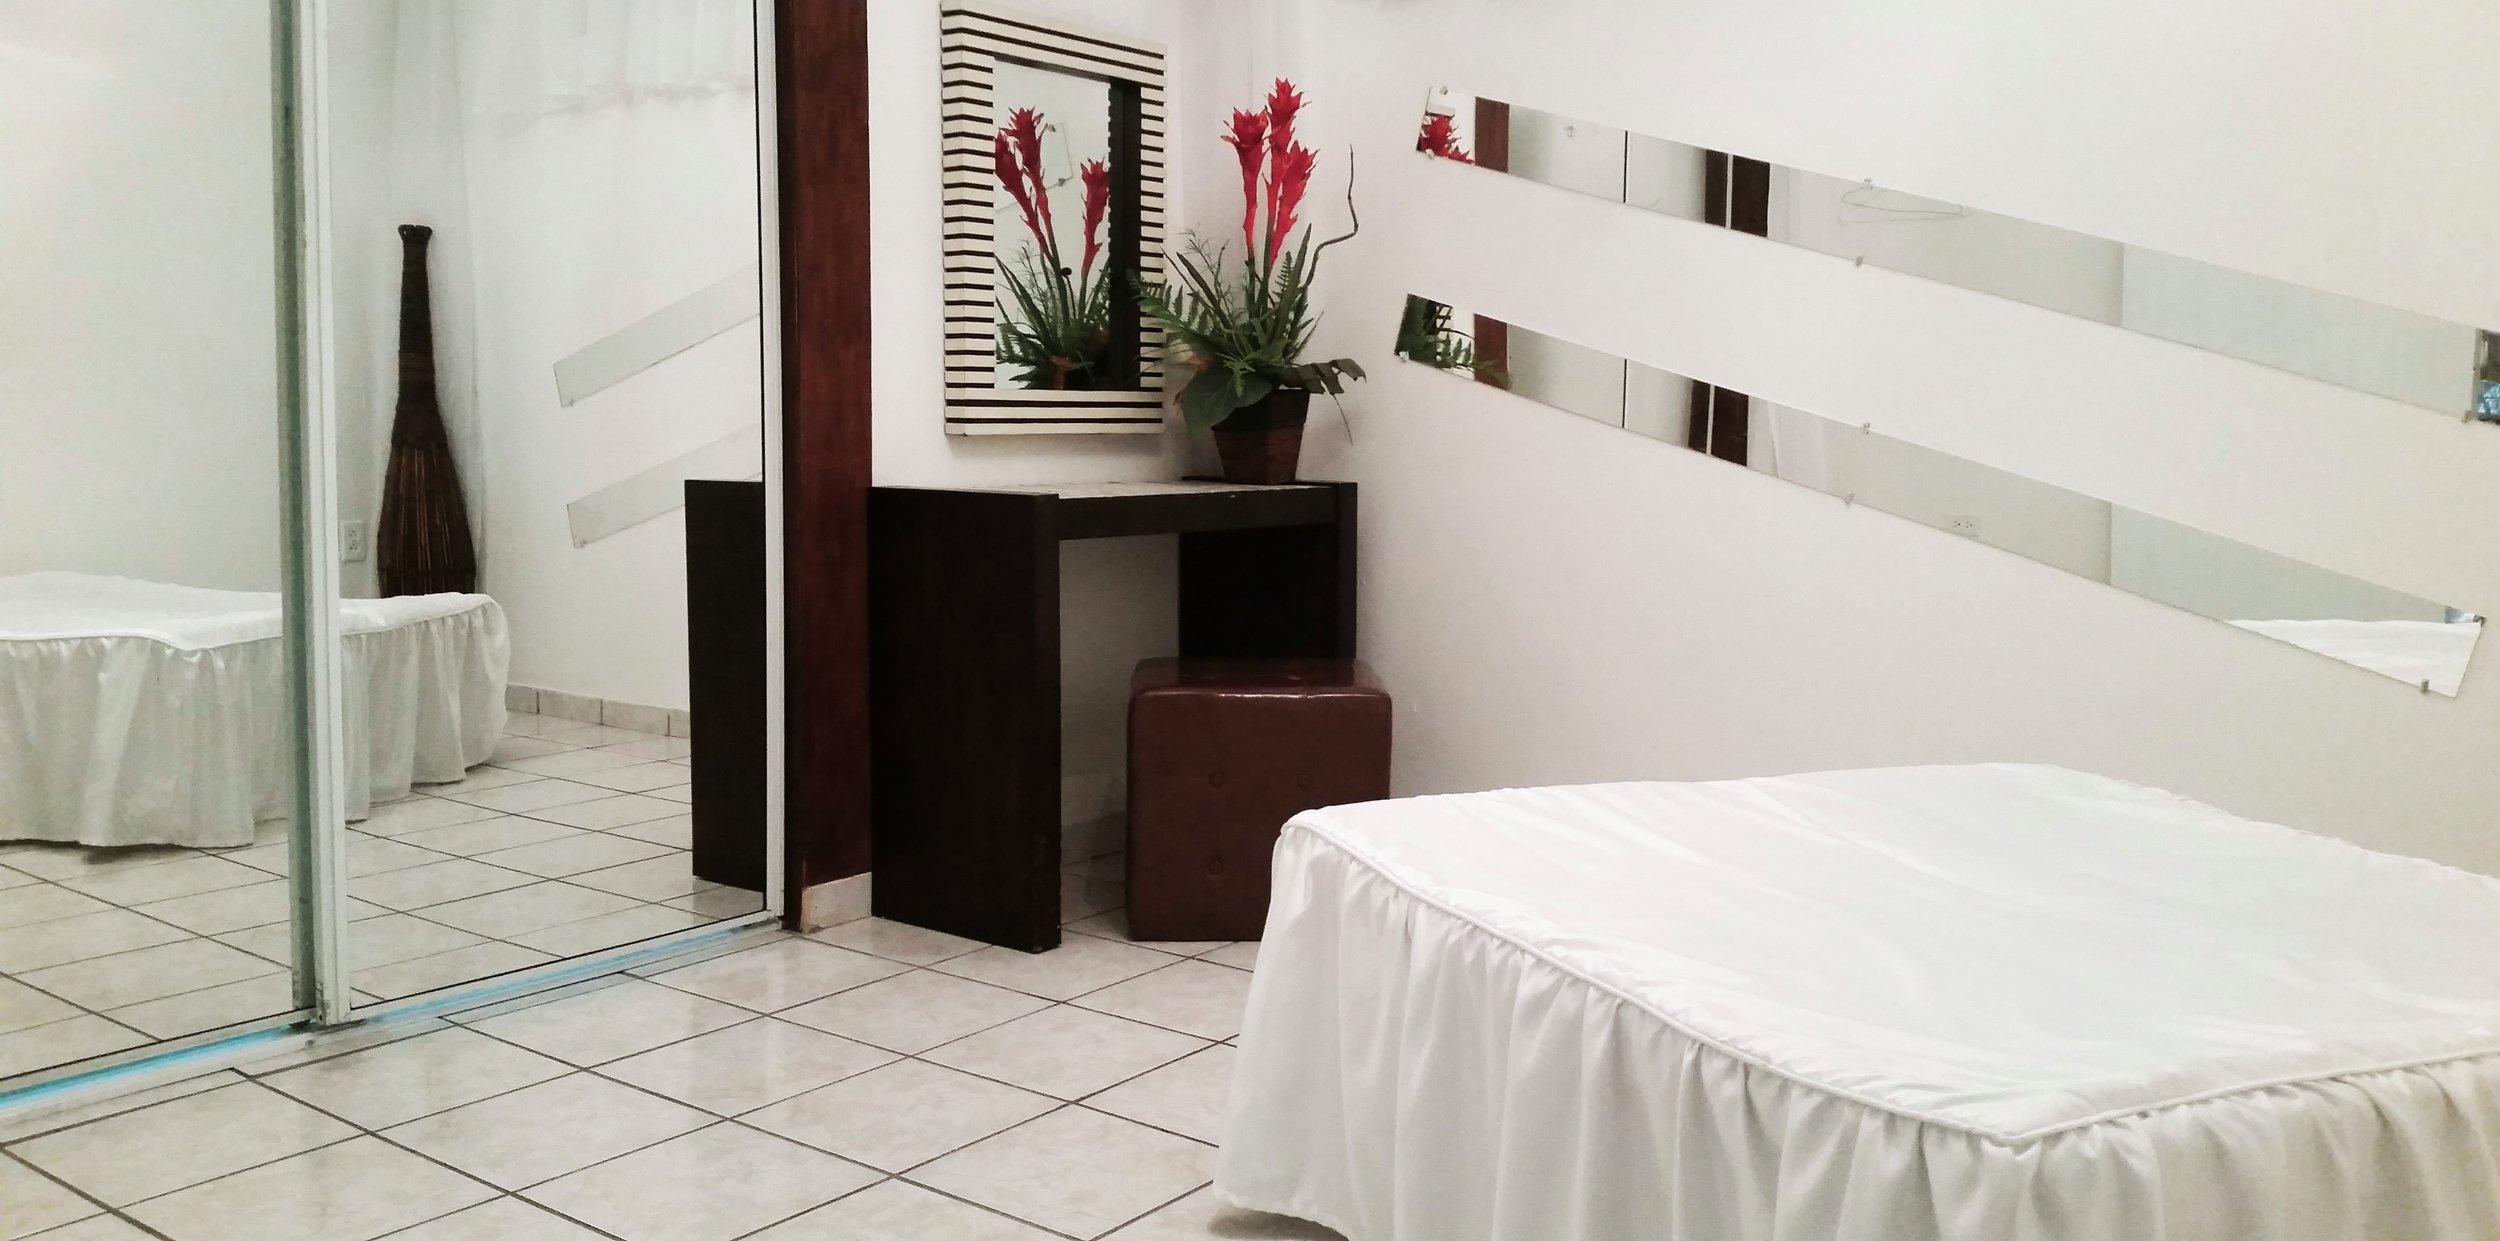 Camerino privado con baño y ducha - Facilidades para homenajeados u organizadores del evento.